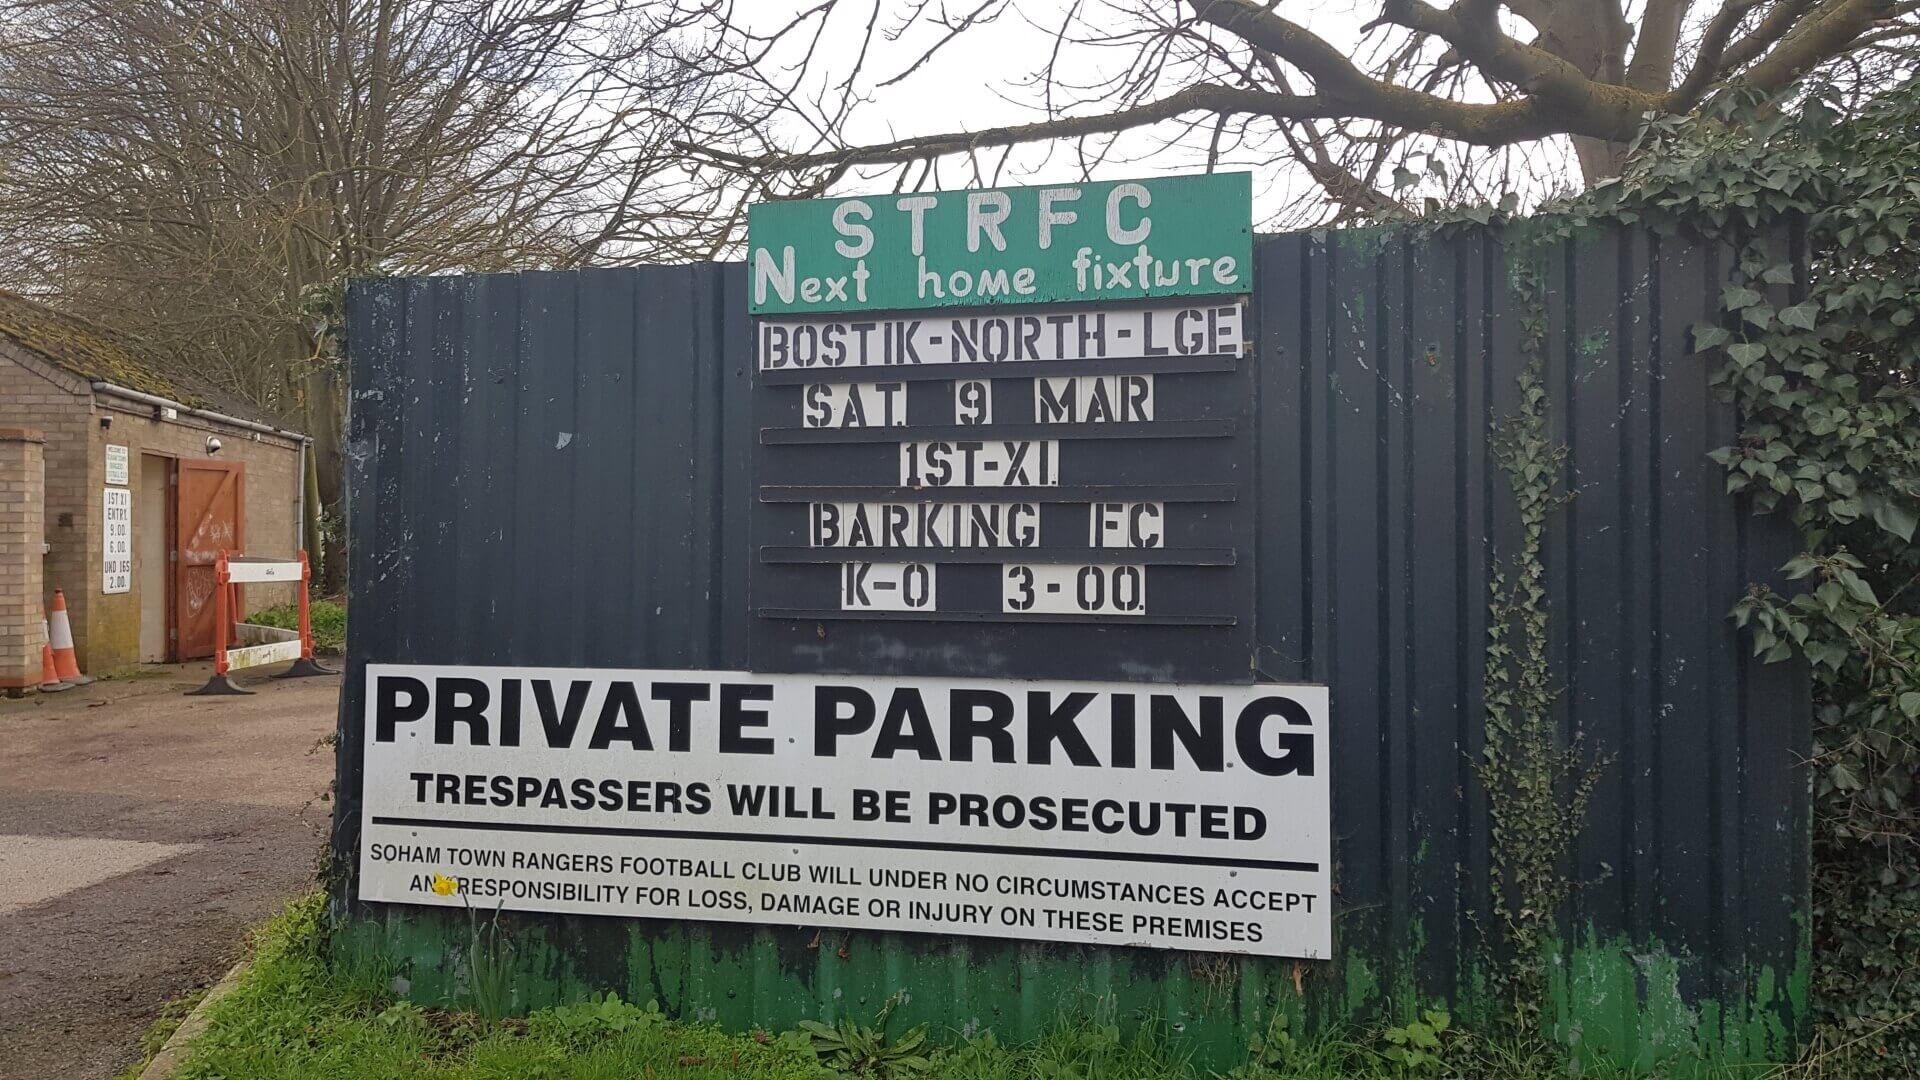 Soham_town_Rangers_FC_16